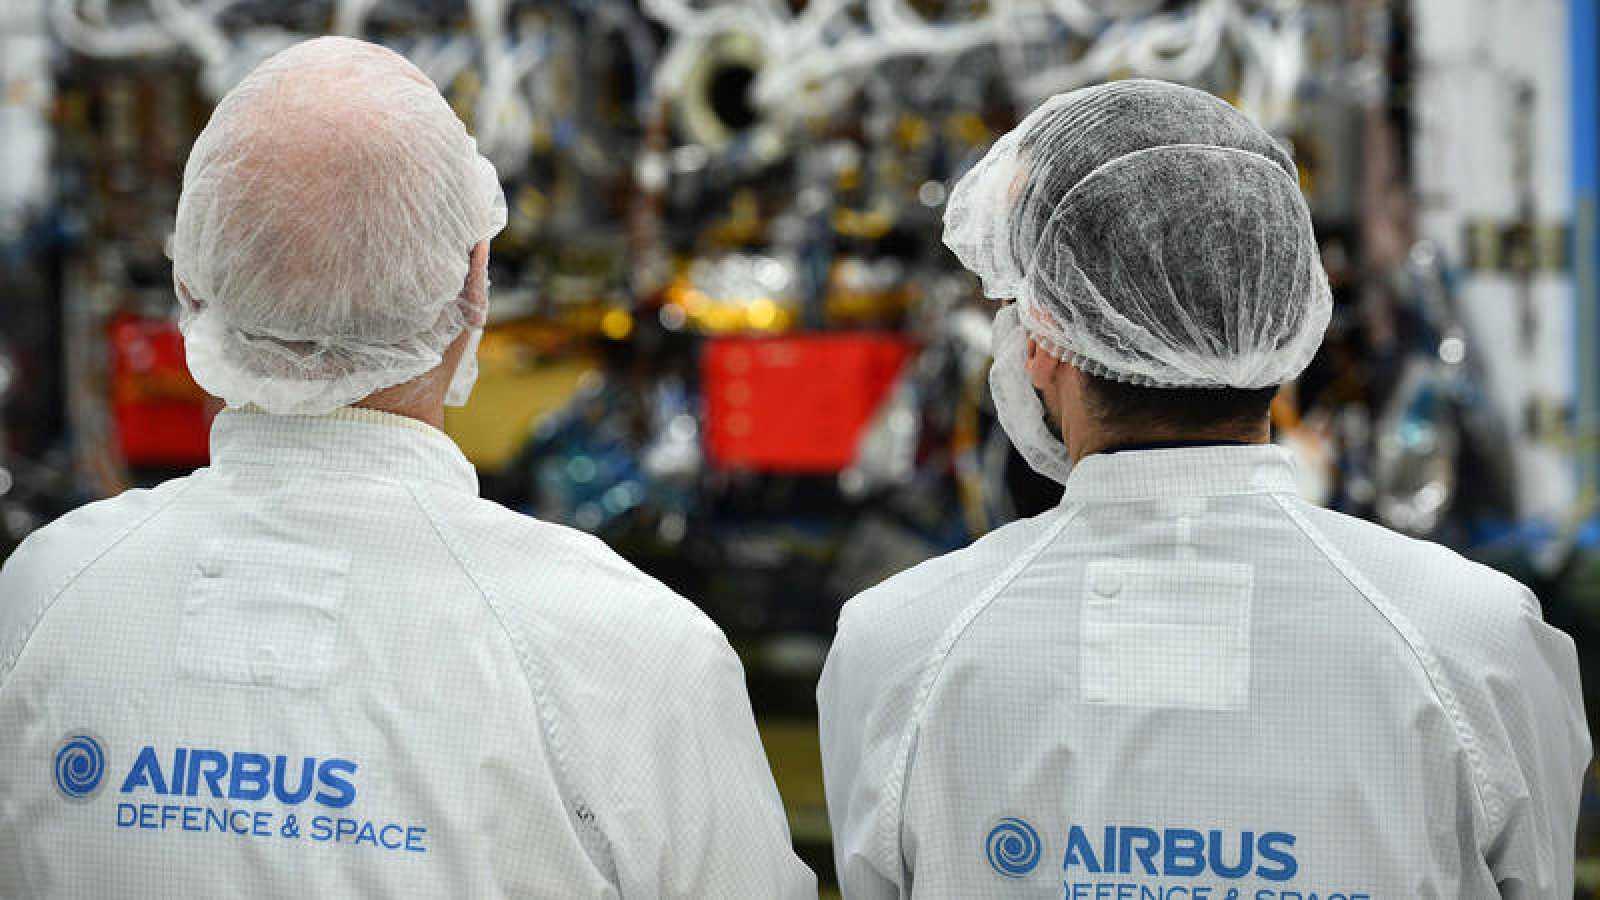 Empleados de Airbus en Portsmouth, Inglaterra